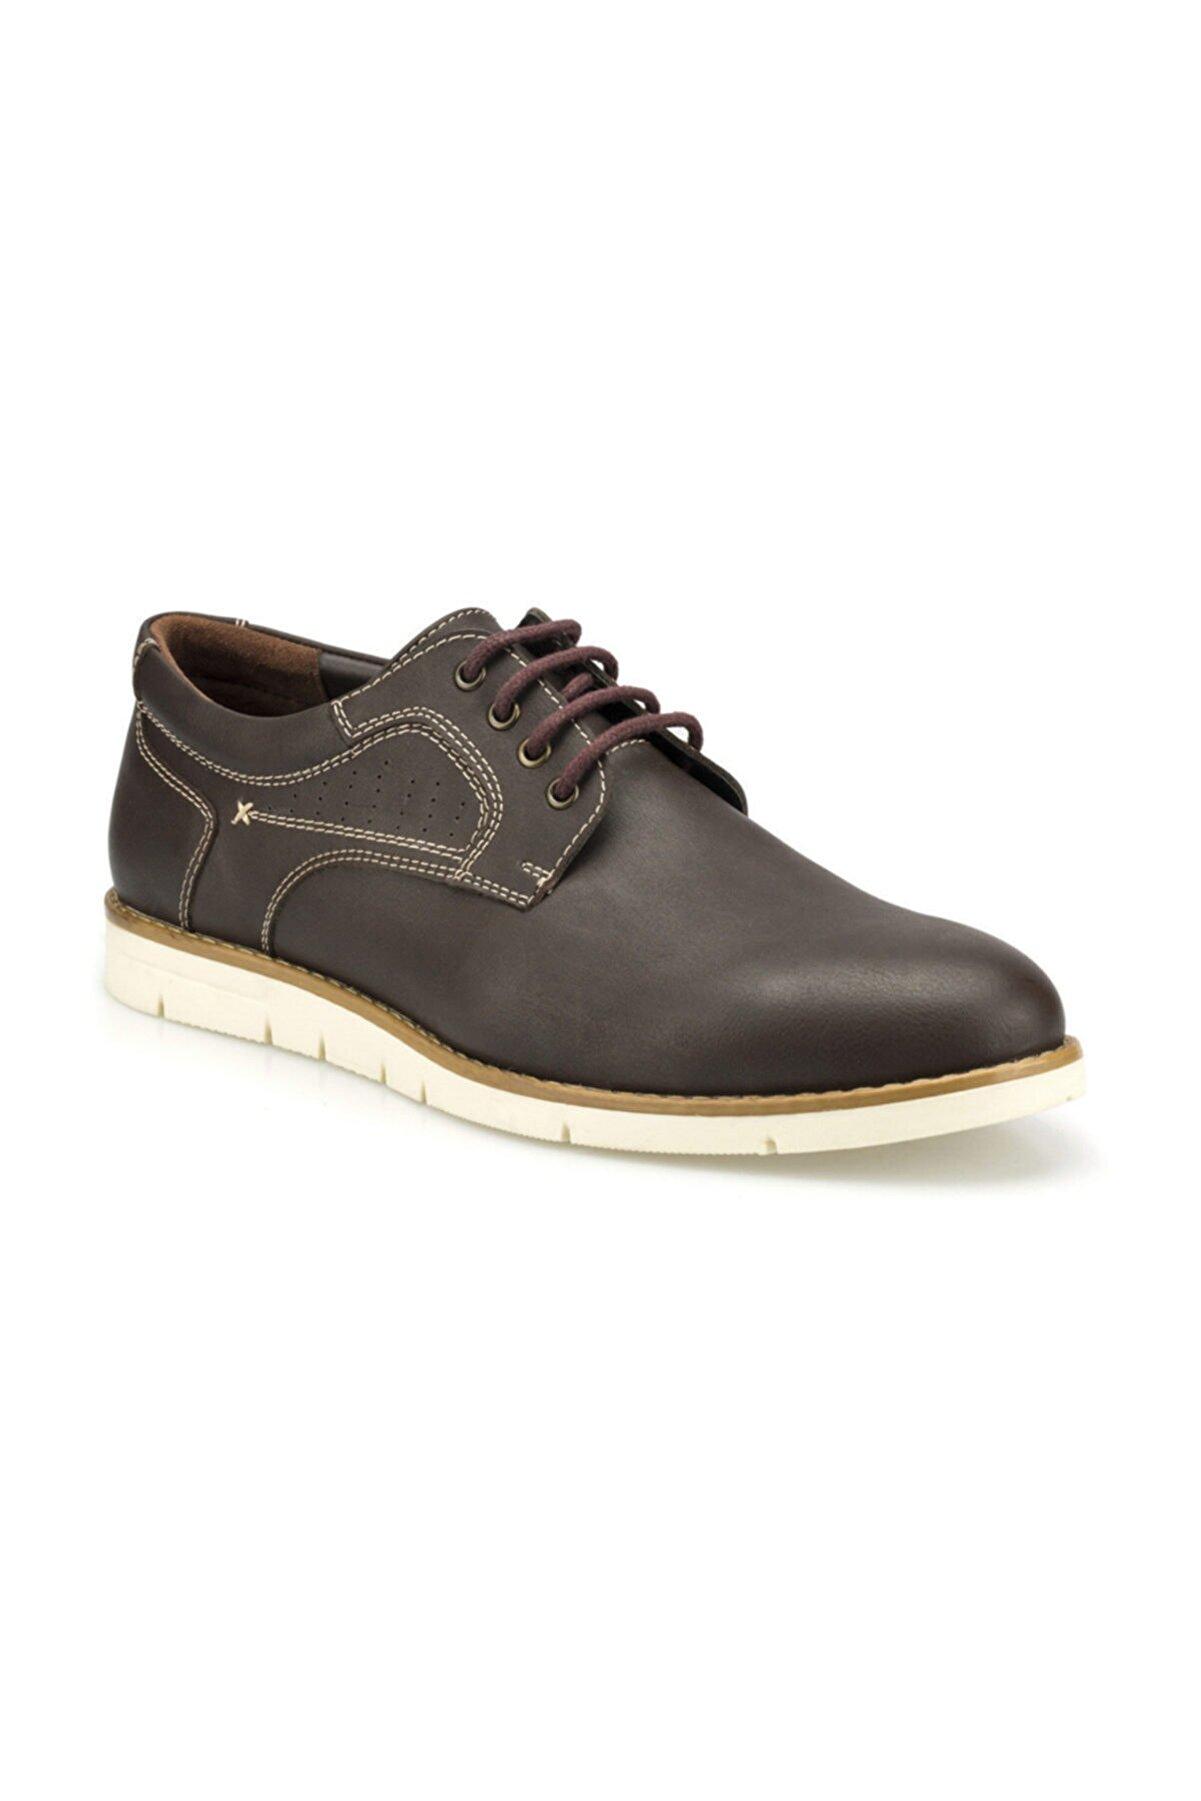 Polaris 160018.M Kahverengi Erkek Klasik Ayakkabı 100501752